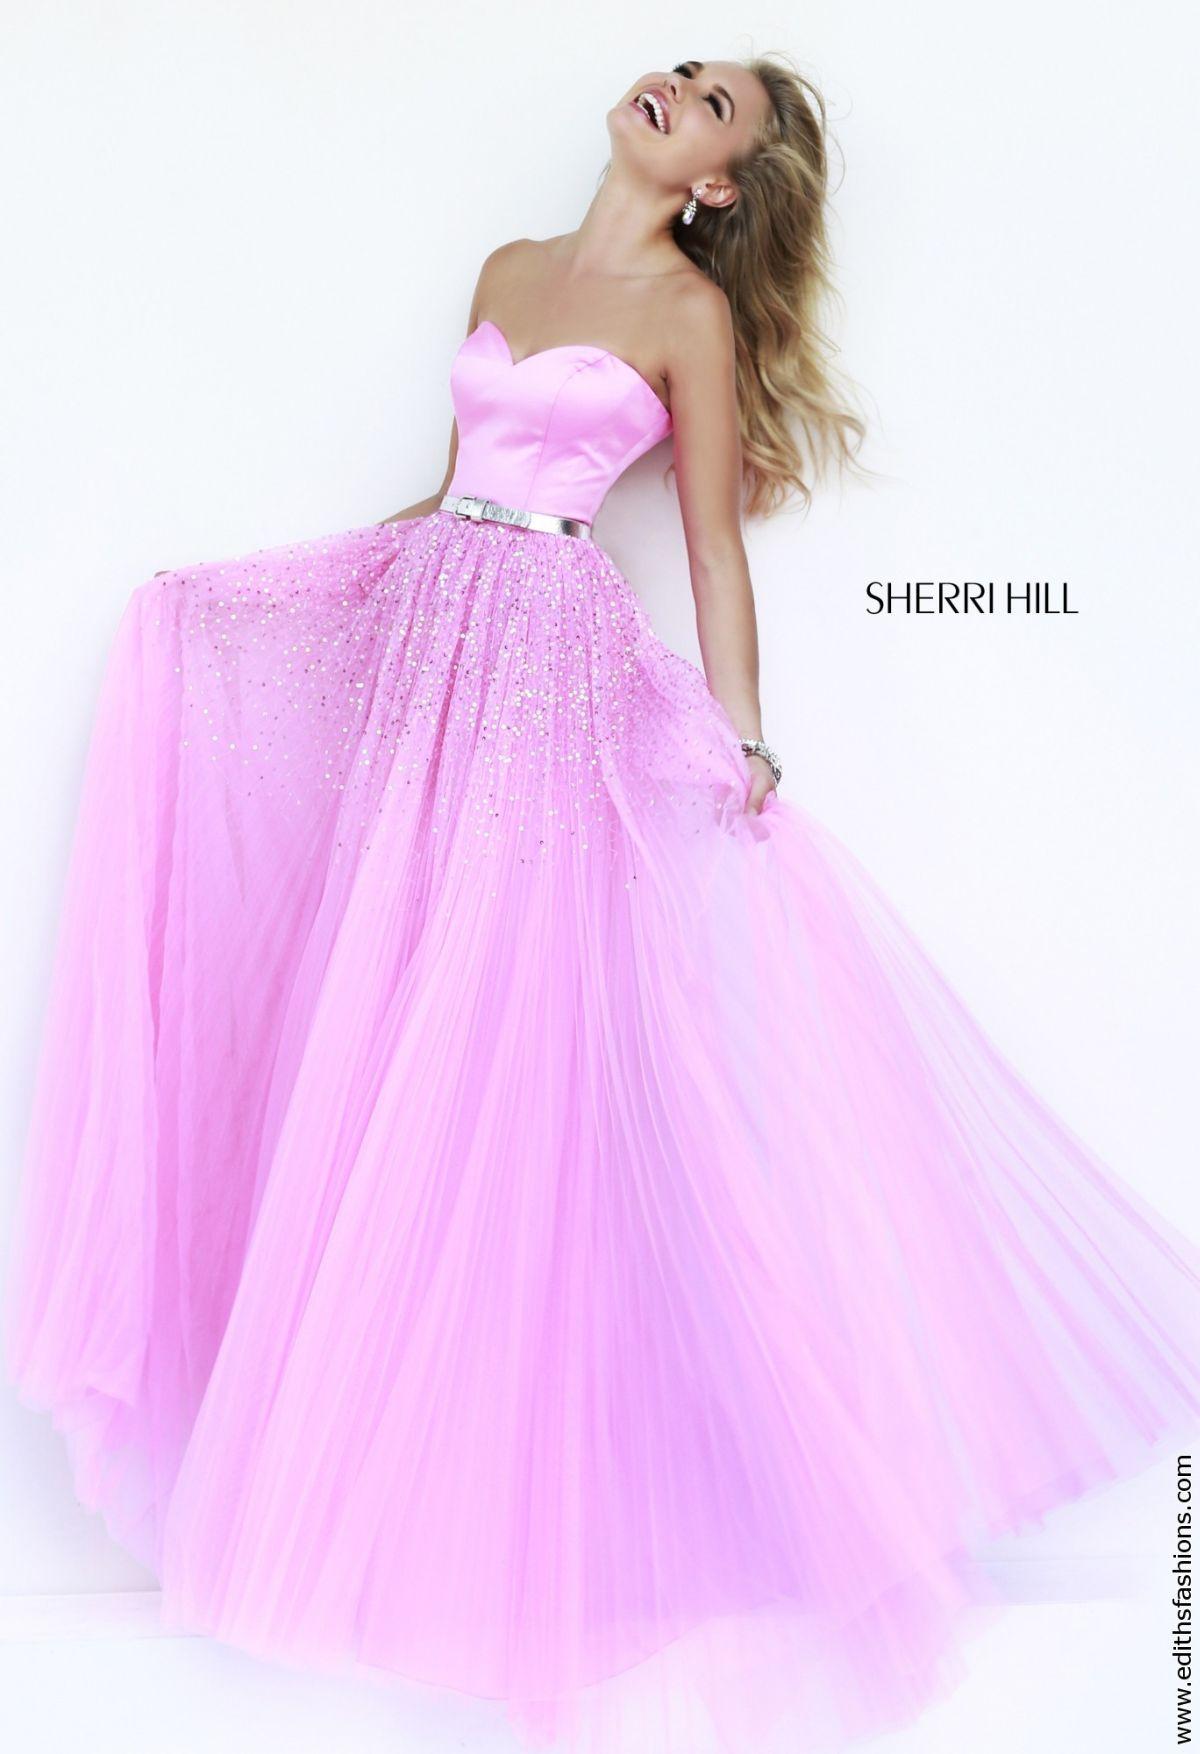 Sherri Hill Dresses | Vestiditos, Quinceañera y Vestidos de fiesta ...